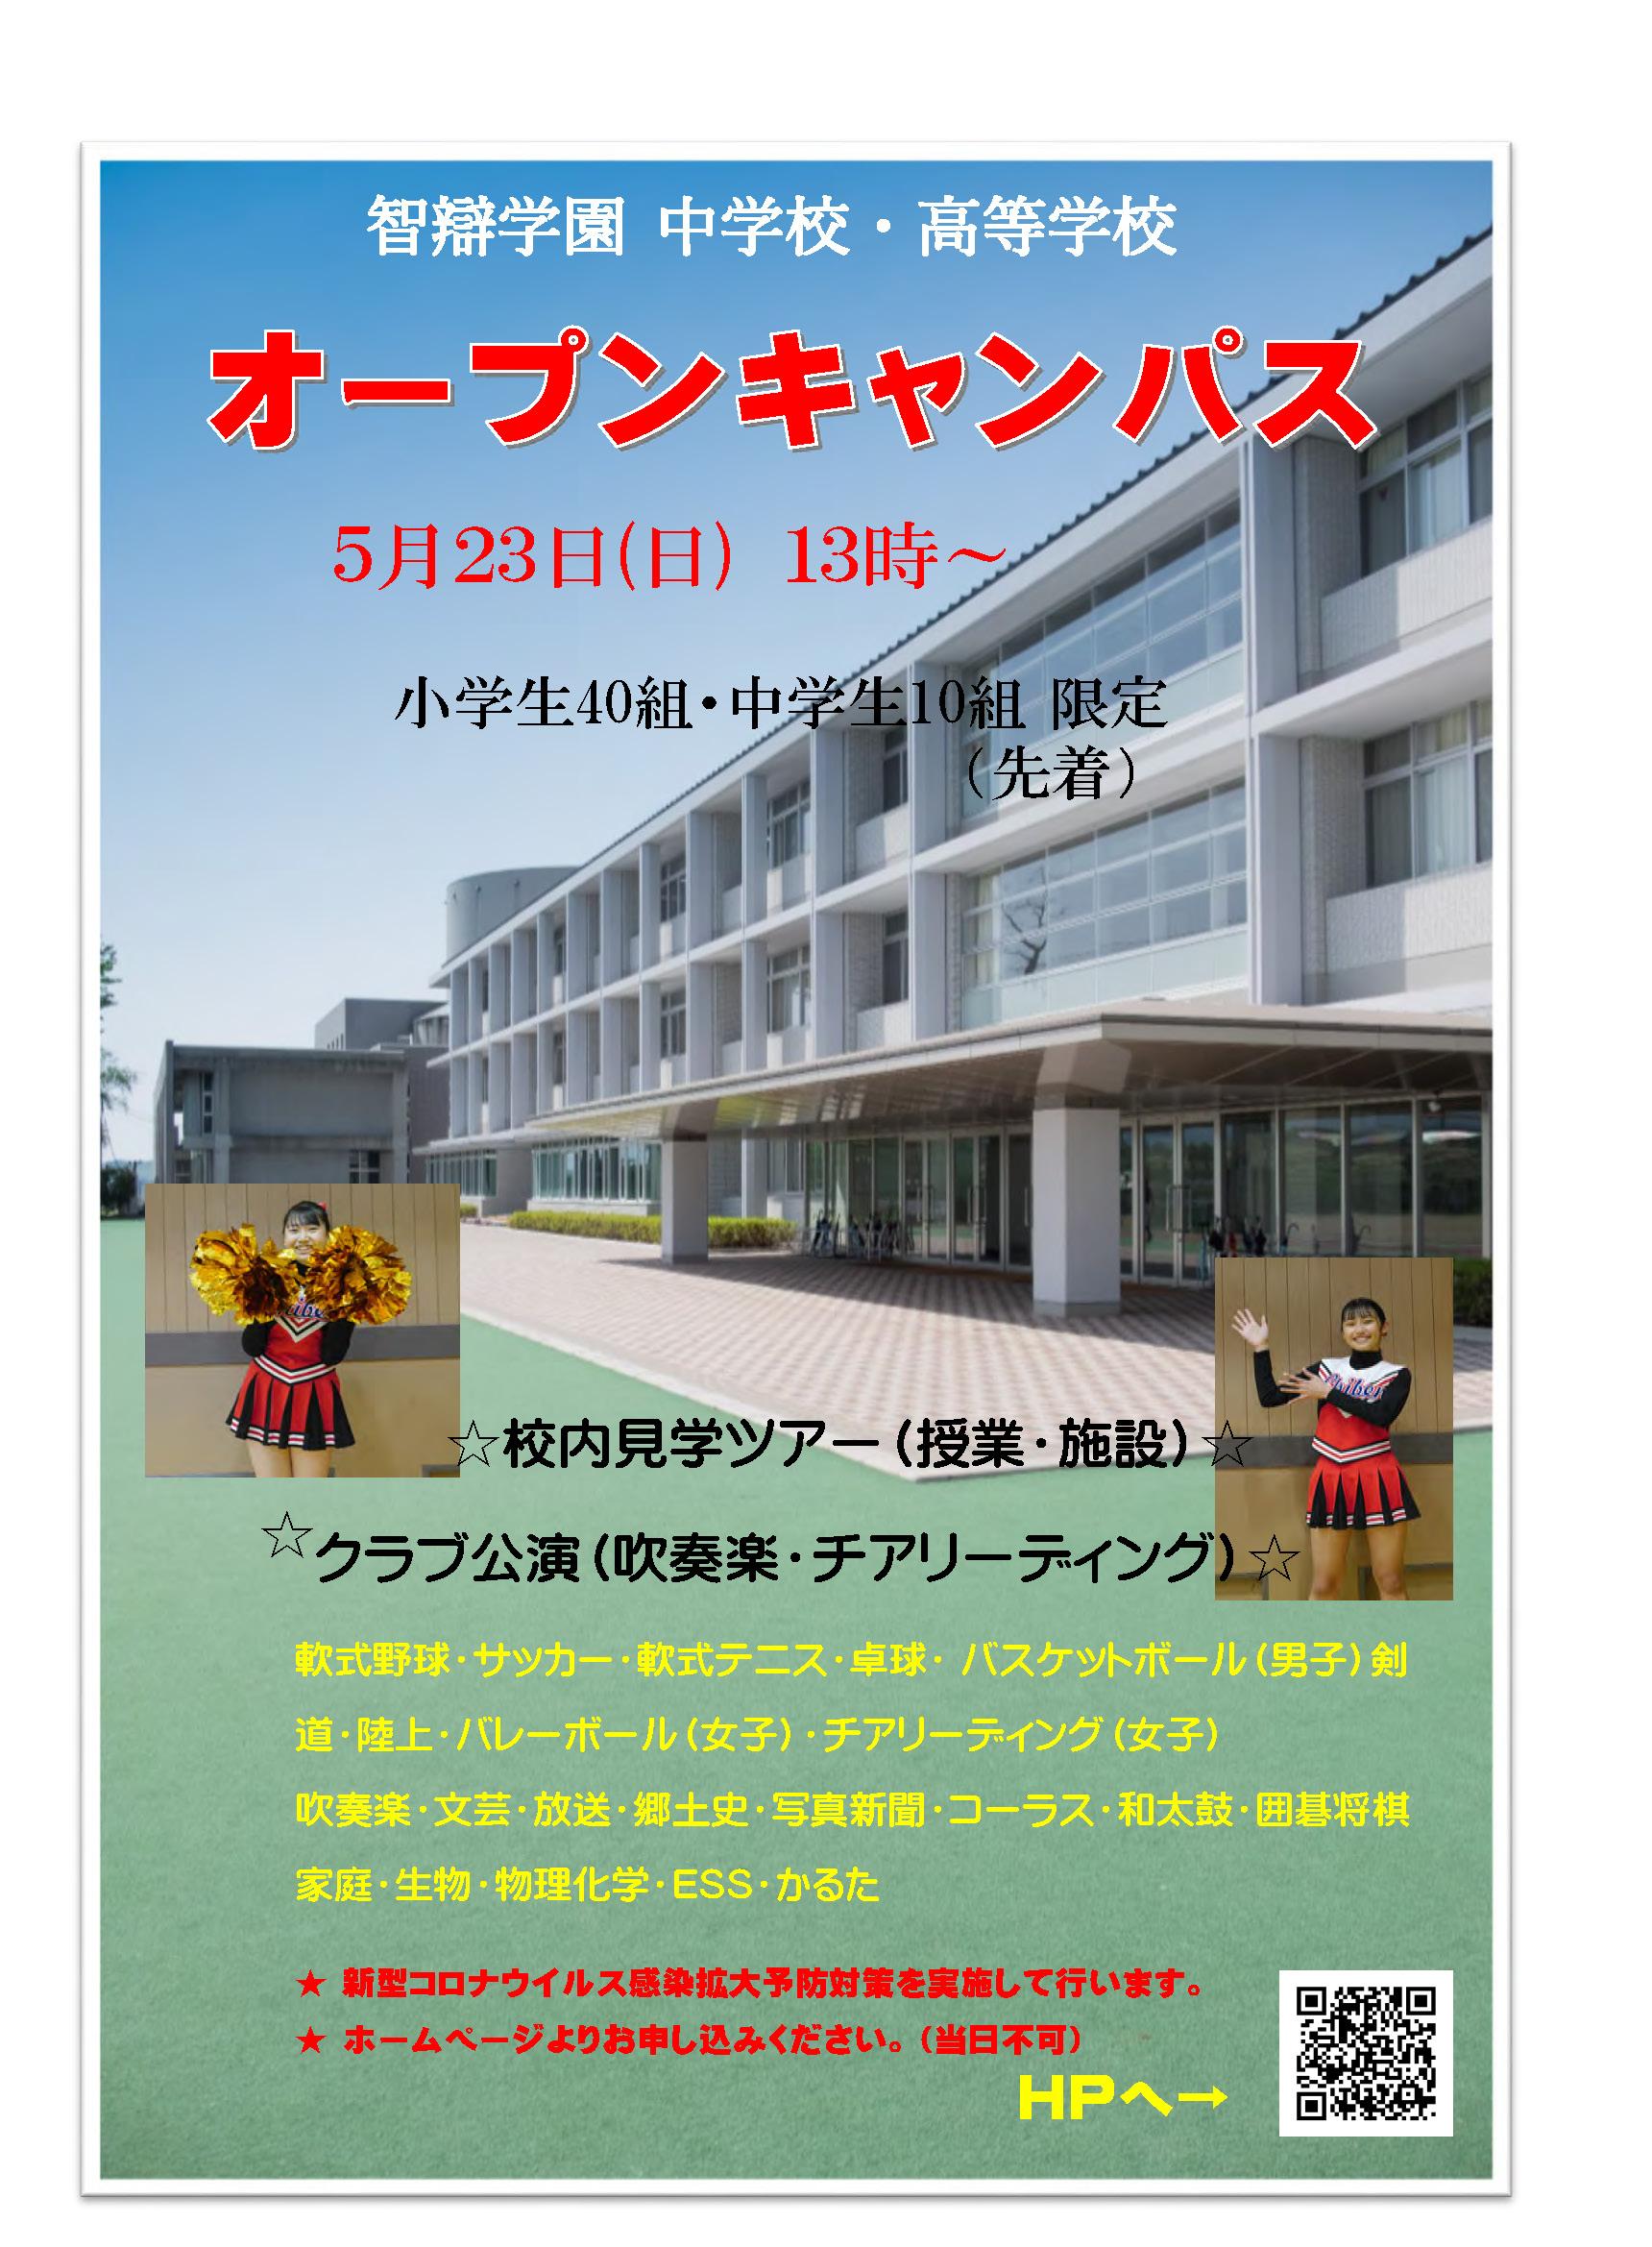 【中学・高校】「オープンキャンパス」を5月23日(日)に開催します!